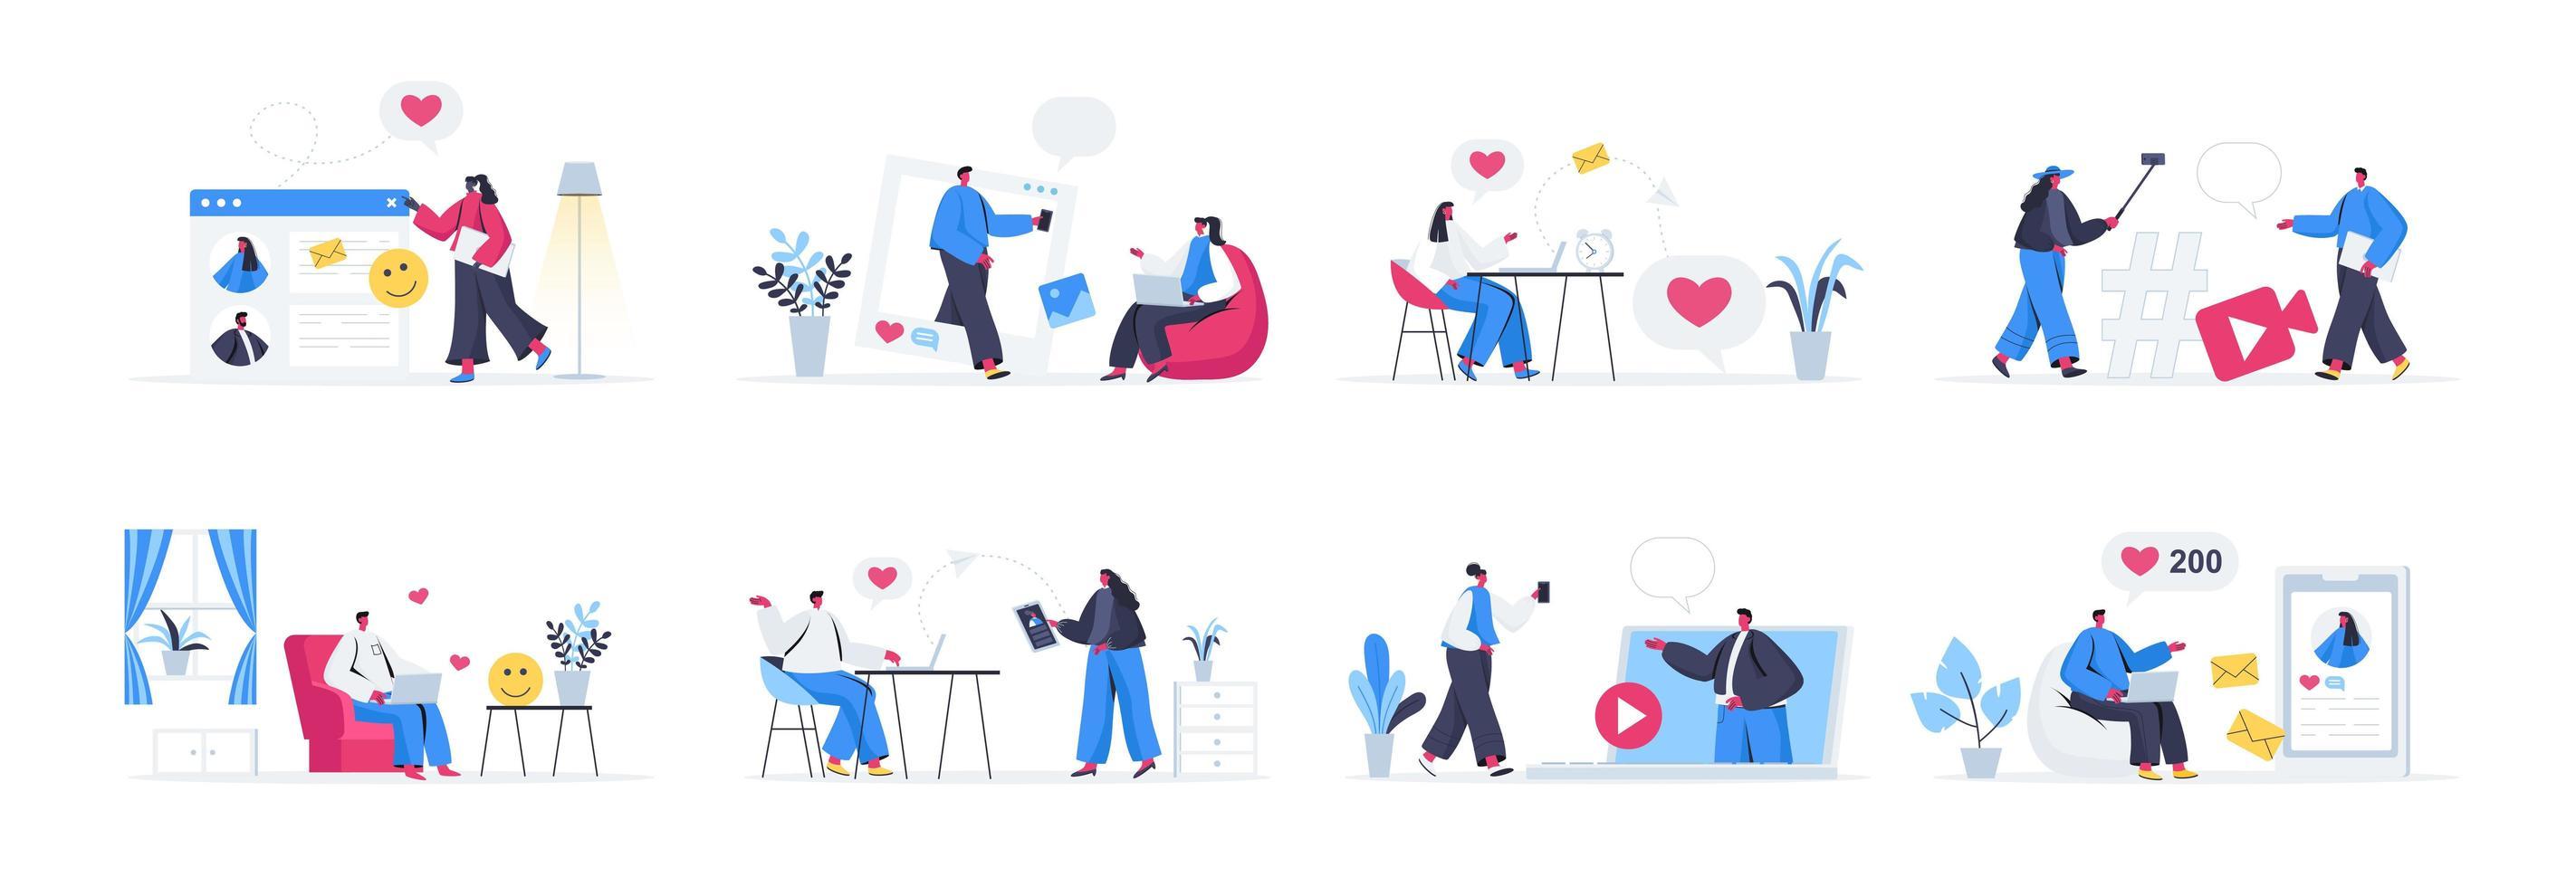 paquete de escenas de redes sociales vector